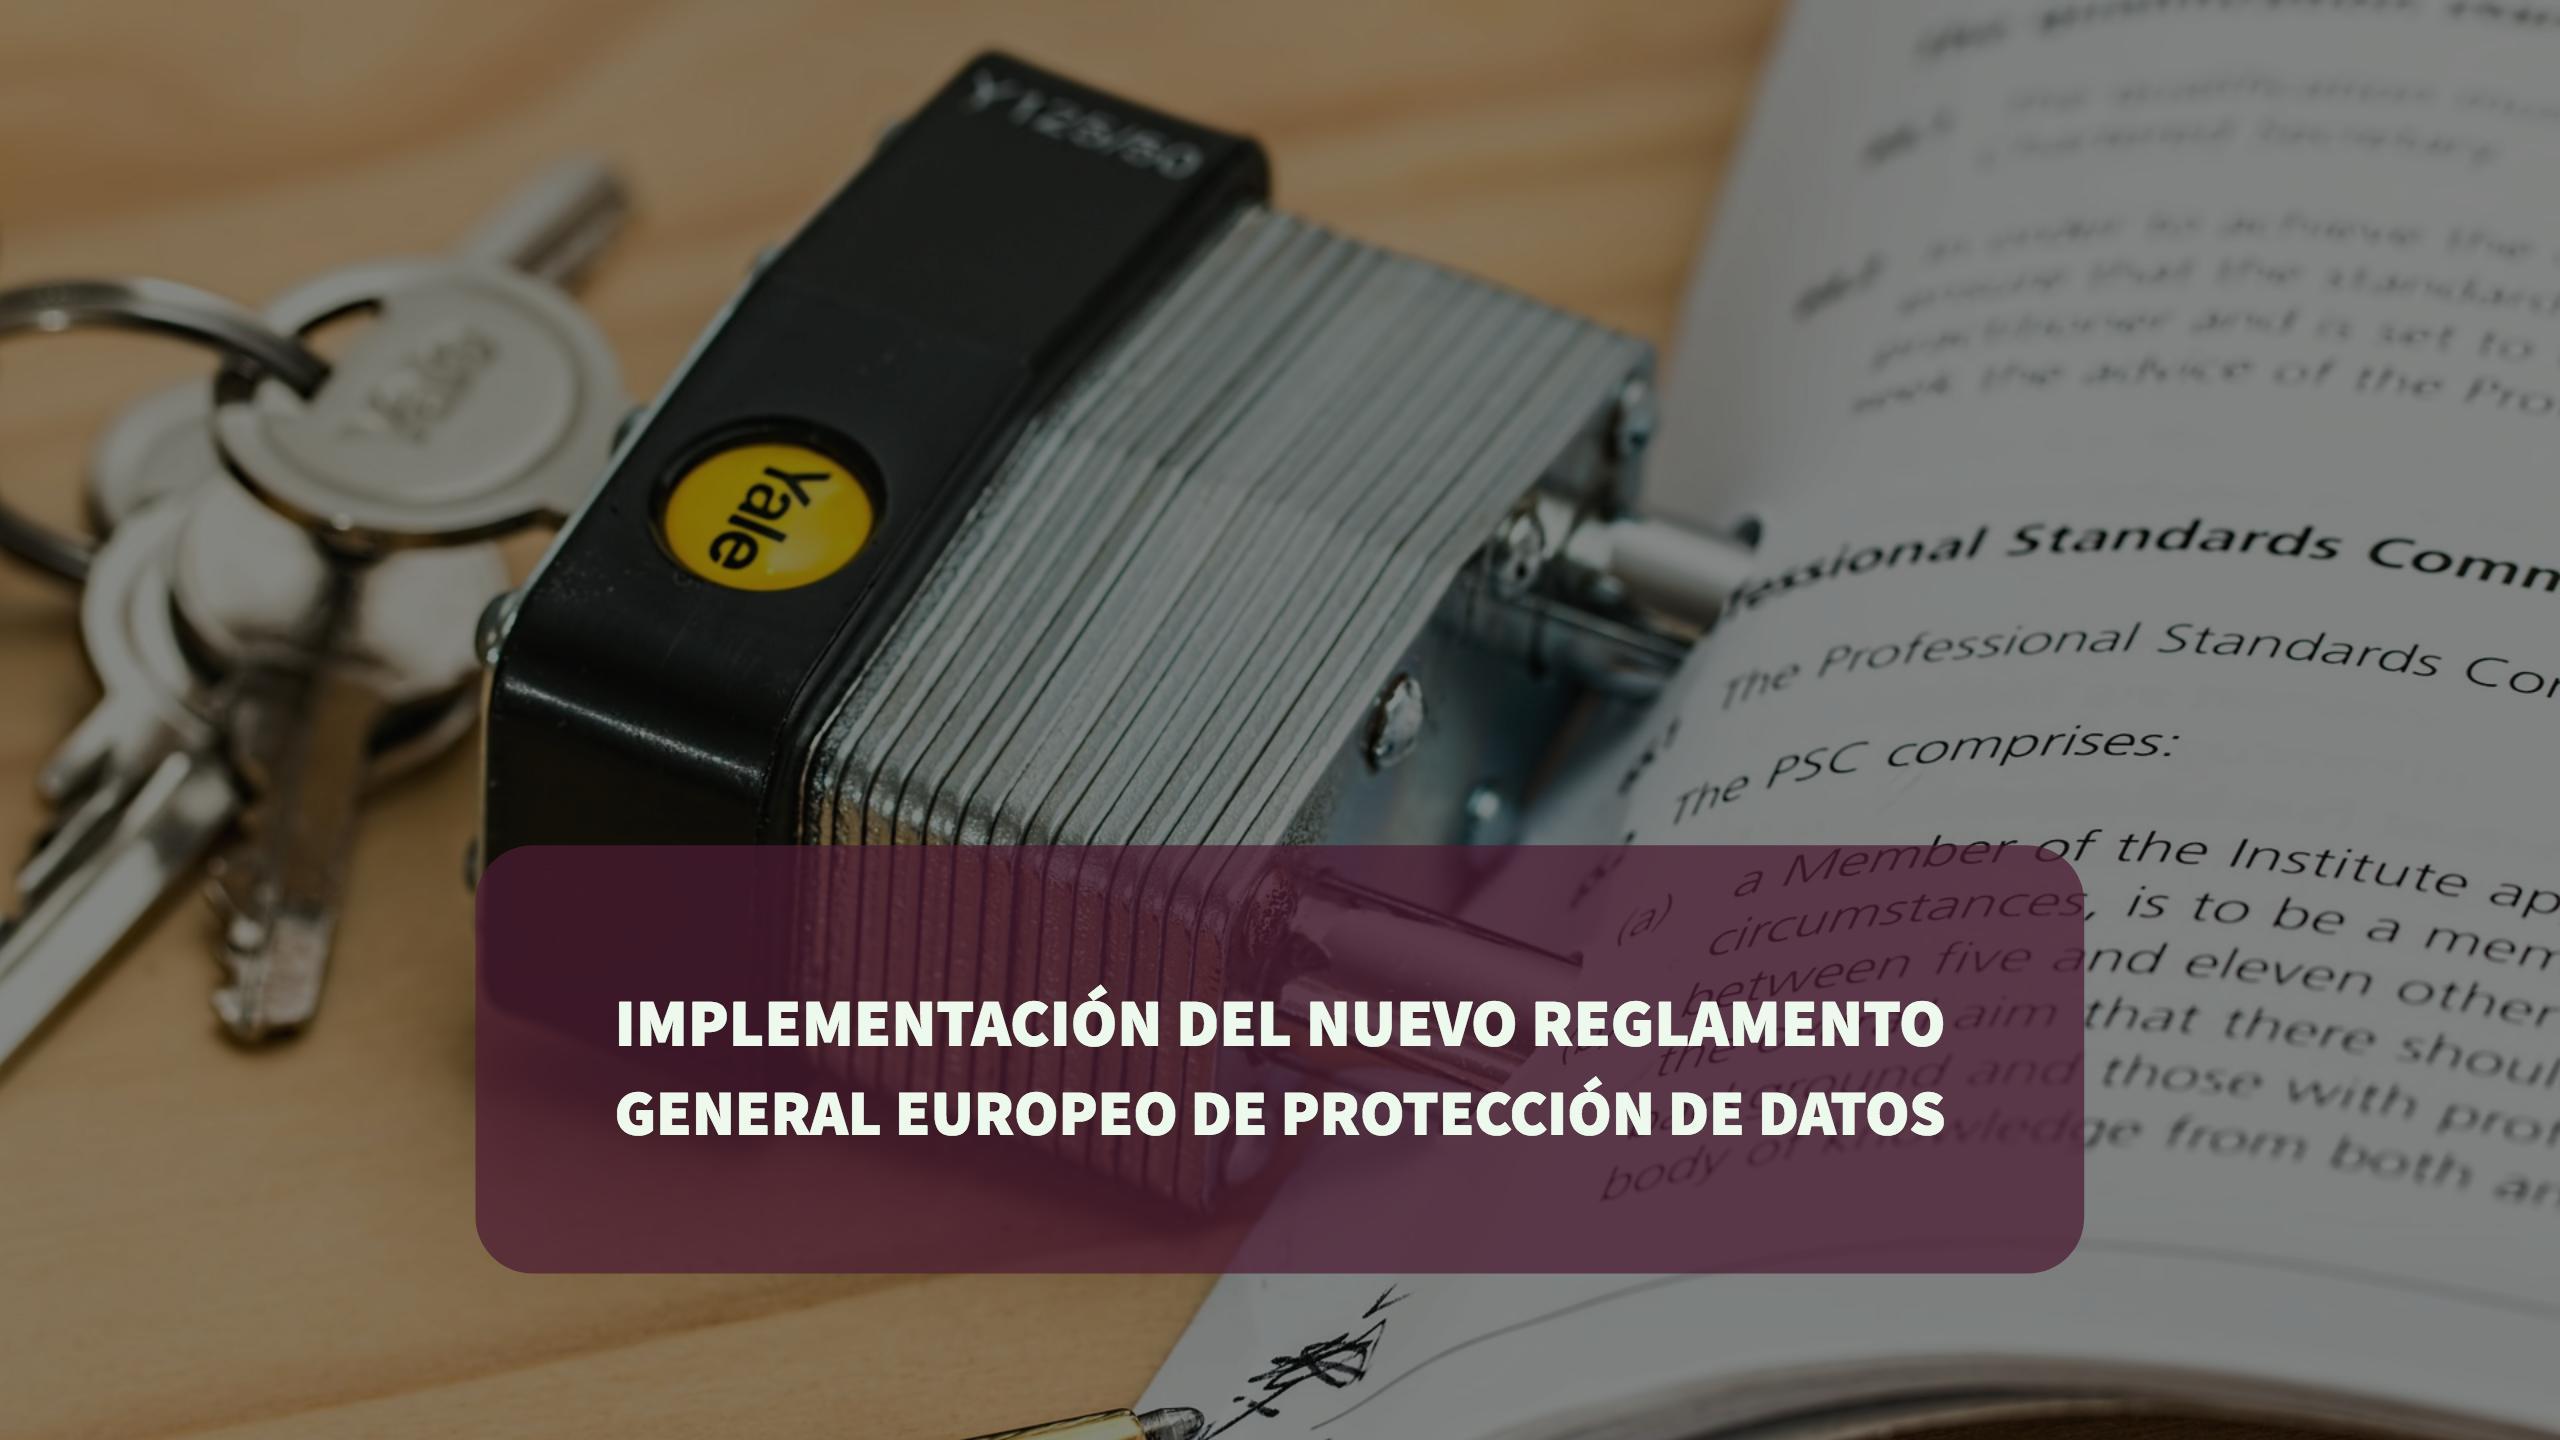 Implementación nuevo Reglamento General Europeo Protección Datos